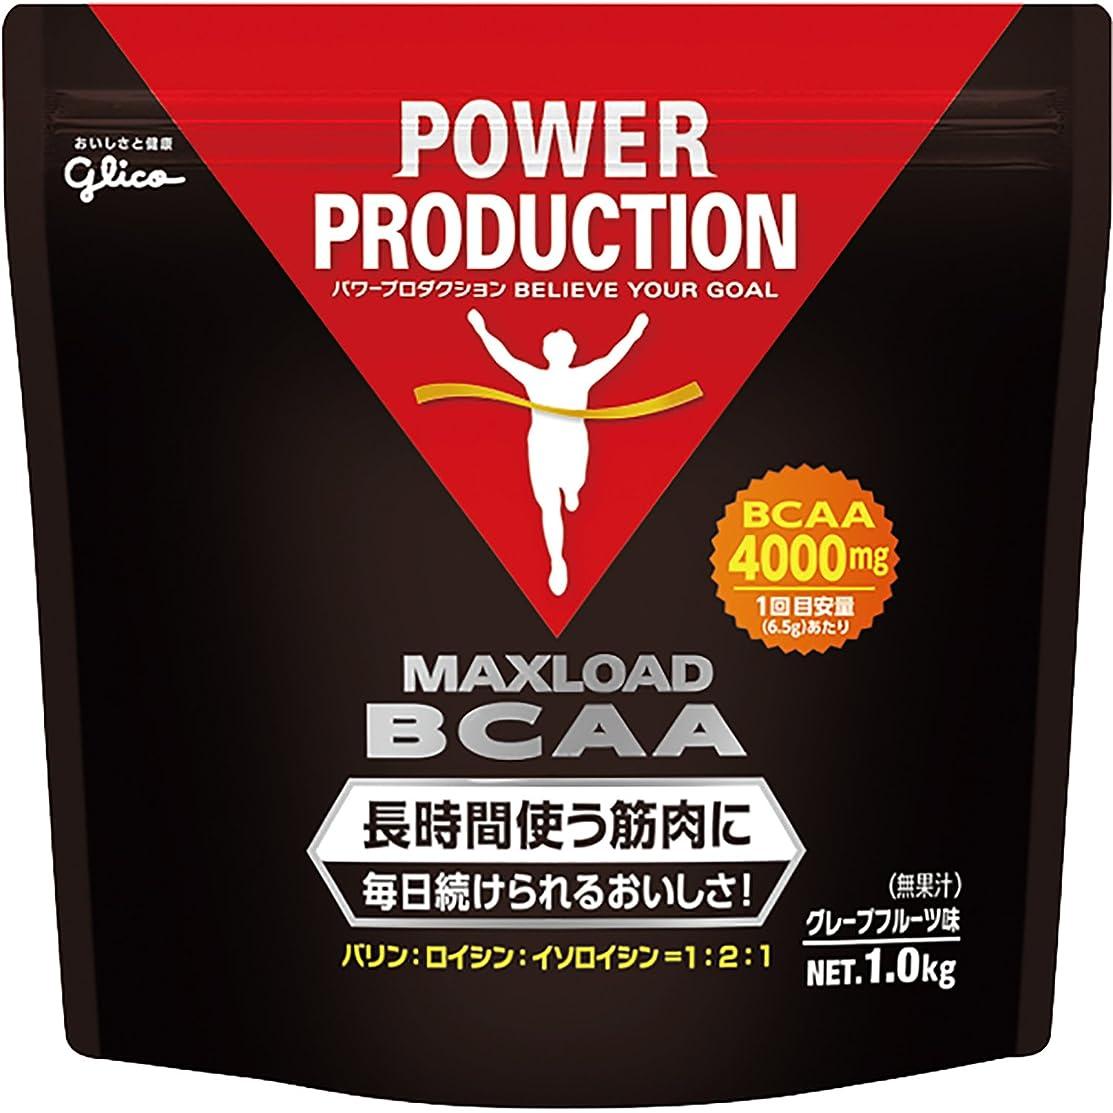 蒸発視線天国グリコ パワープロダクション マックスロード BCAA4000mg アミノ酸 グレープフルーツ風味 1kg【使用目安 約153回分】